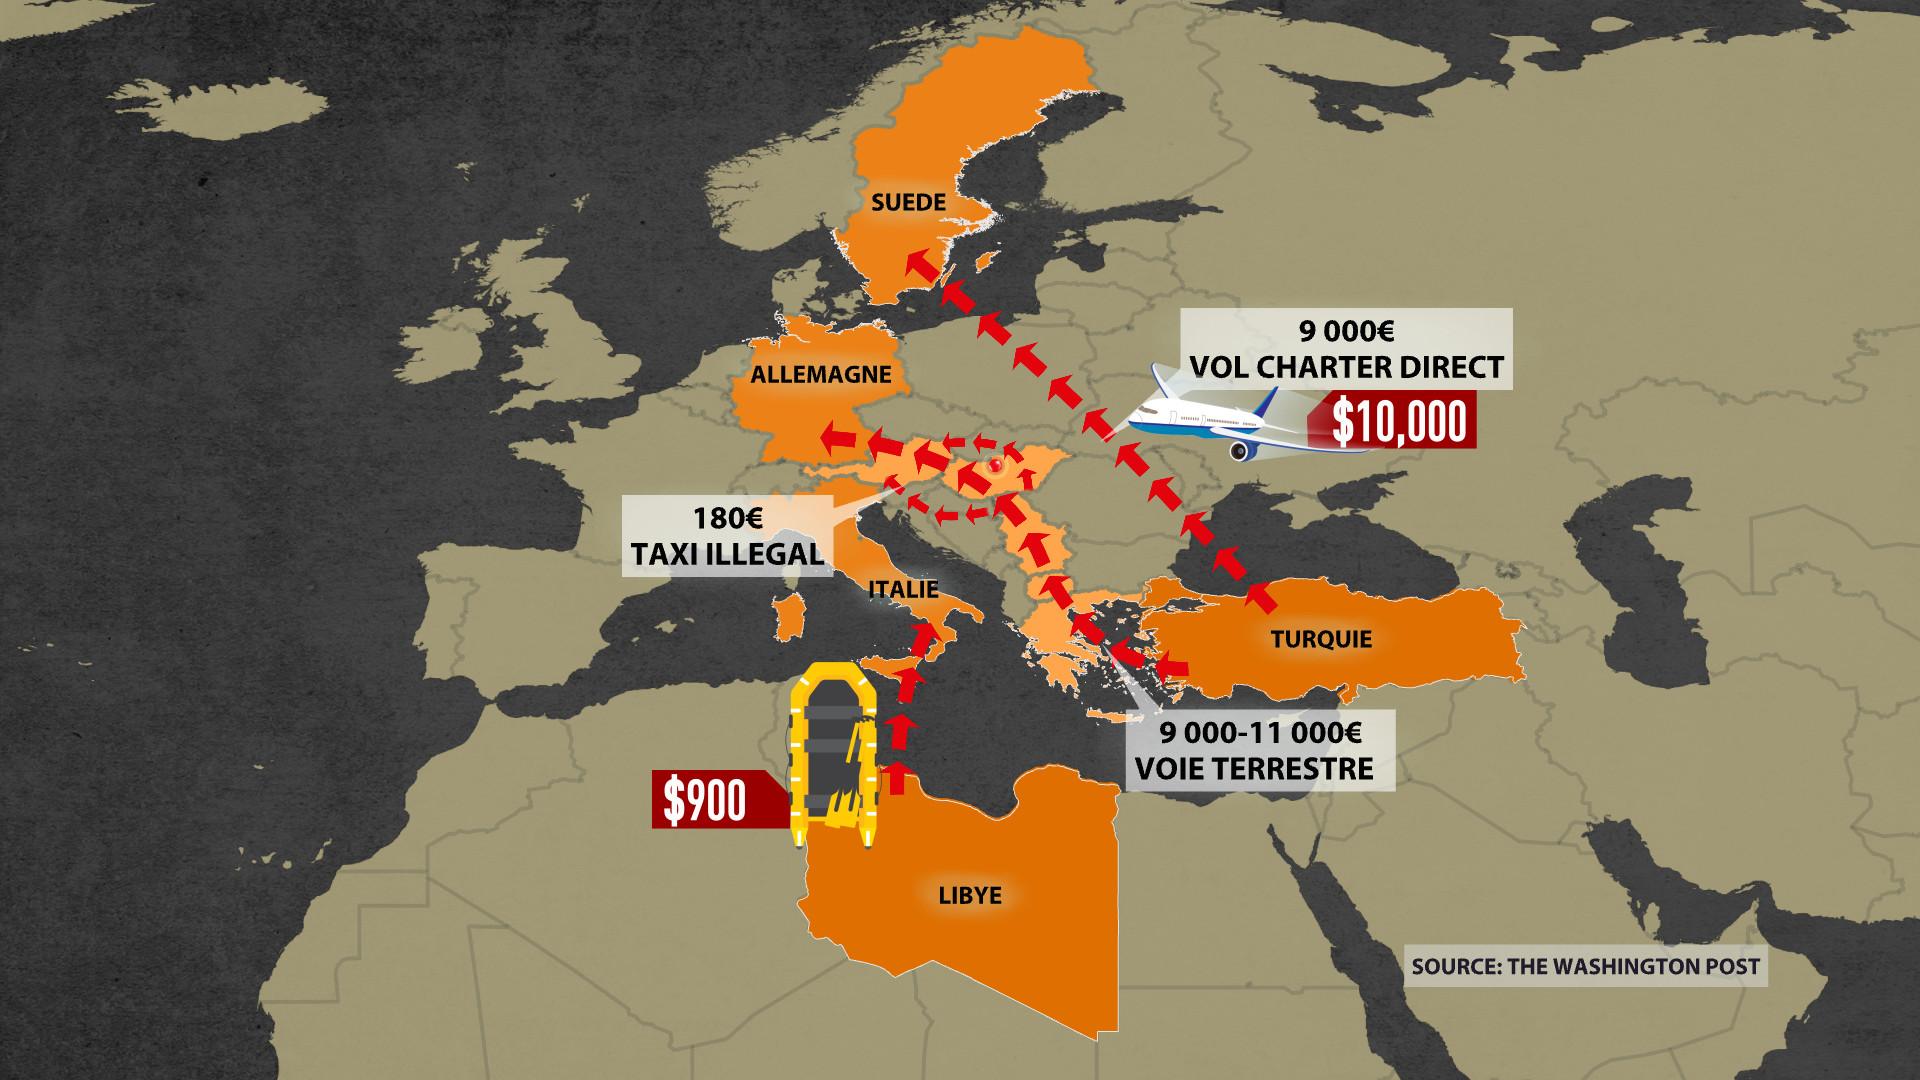 Crise migratoire : l'Autriche rétablit les contrôles aux frontières et envoie son armée en renfort